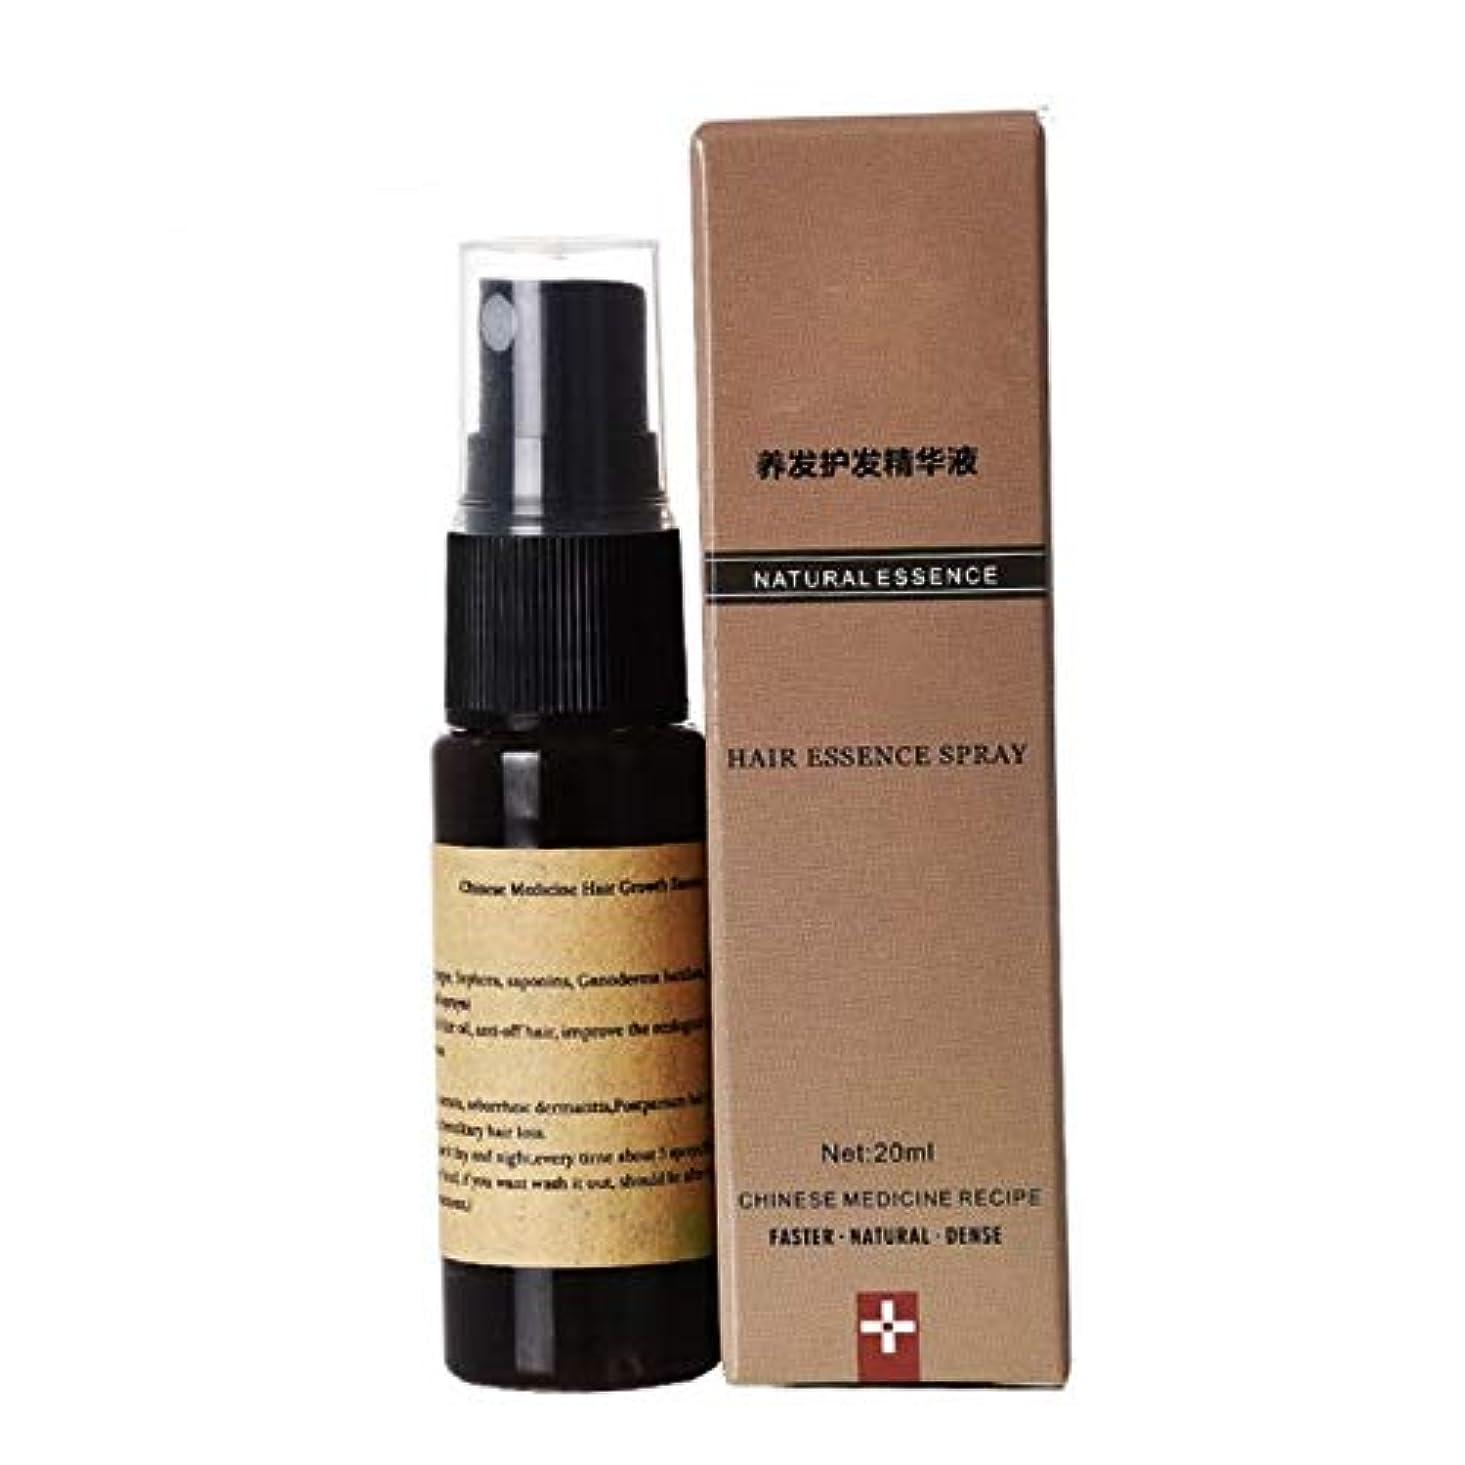 ピンポイントバックグラウンドソブリケット抜け毛防止シャンプーAnti Gray Hair Spray Shampoo Serum Hair Organic Fast Hair Growth Essence